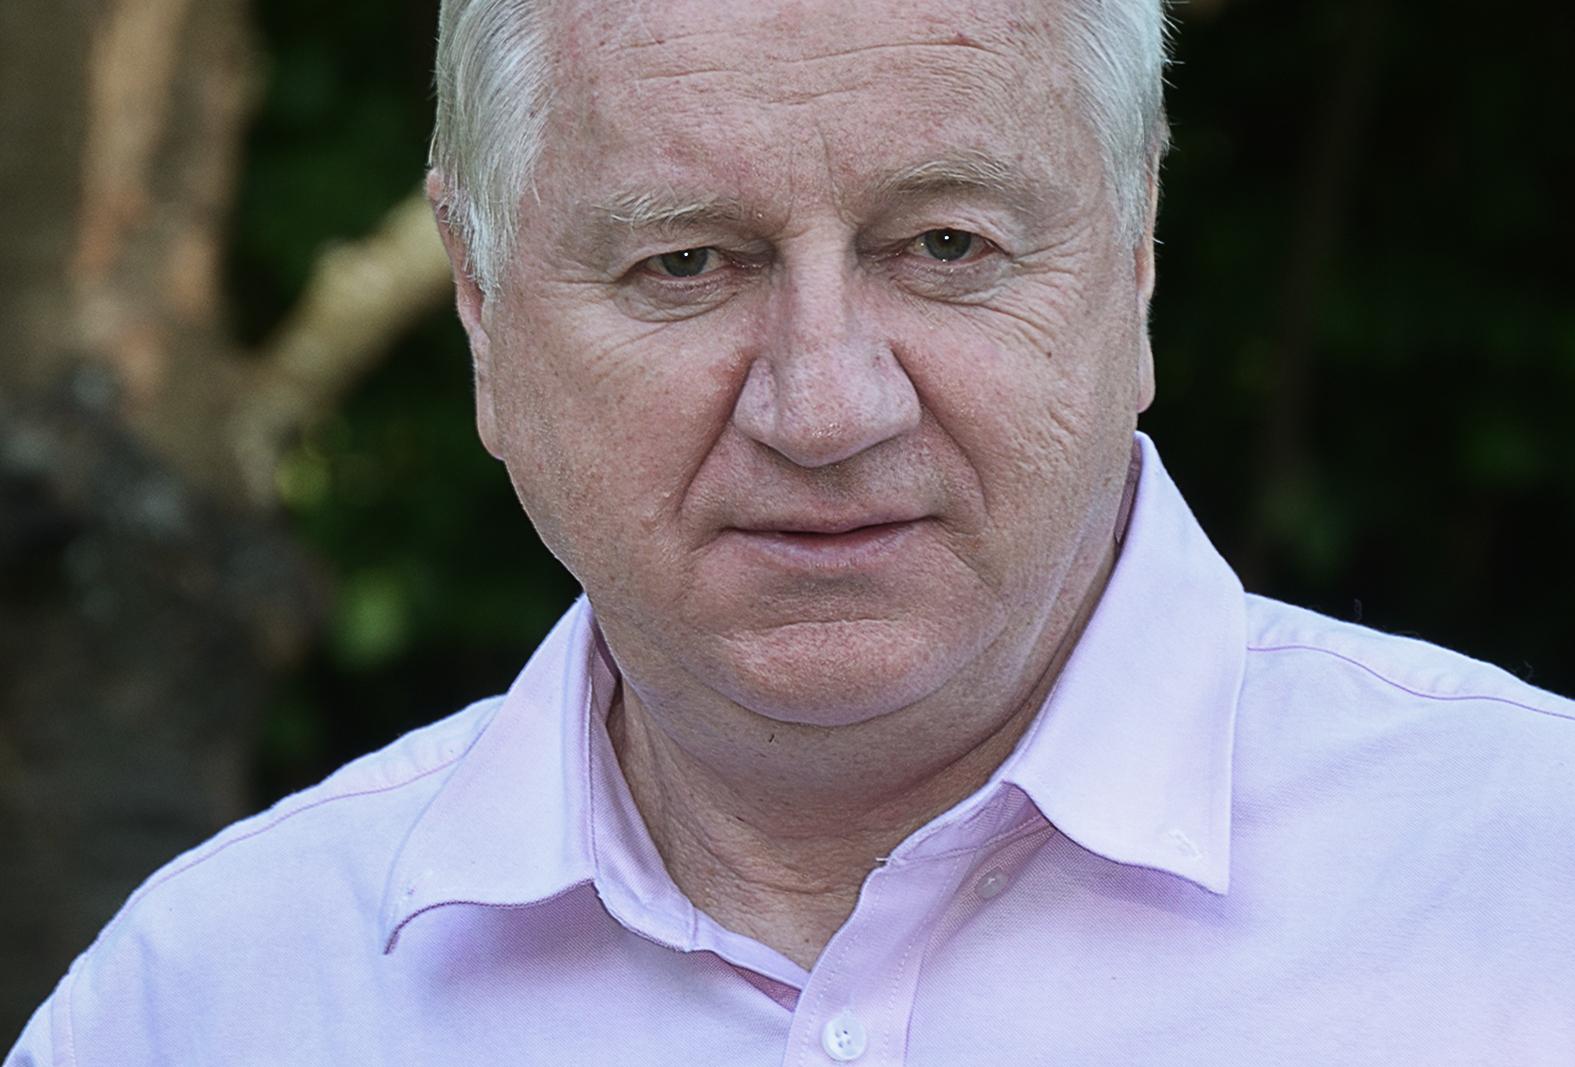 Bogdan Góralczyk #moszkvater